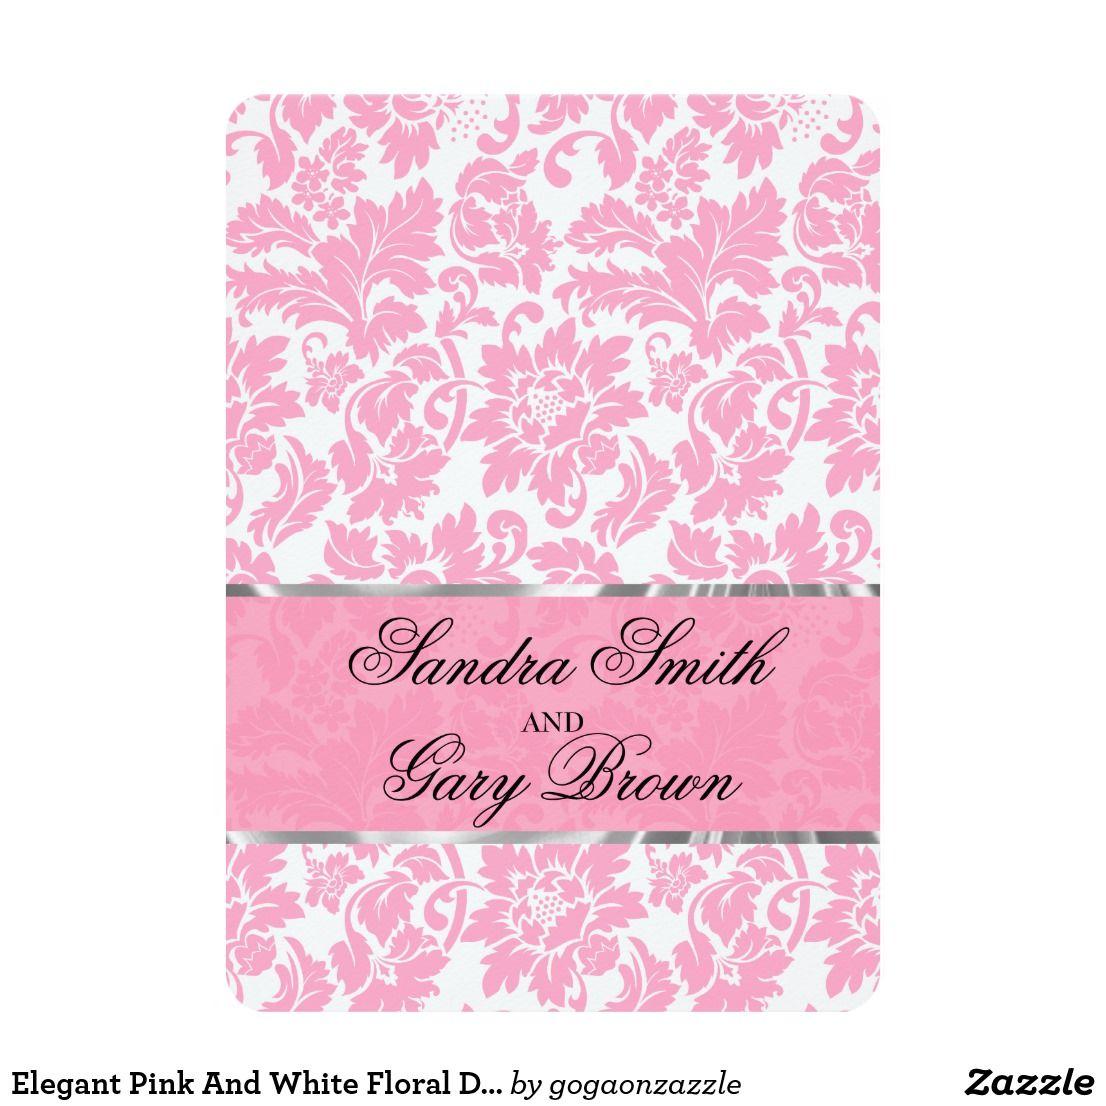 Elegant Pink And White Floral Damas Wedding Invite   Pink Wedding ...